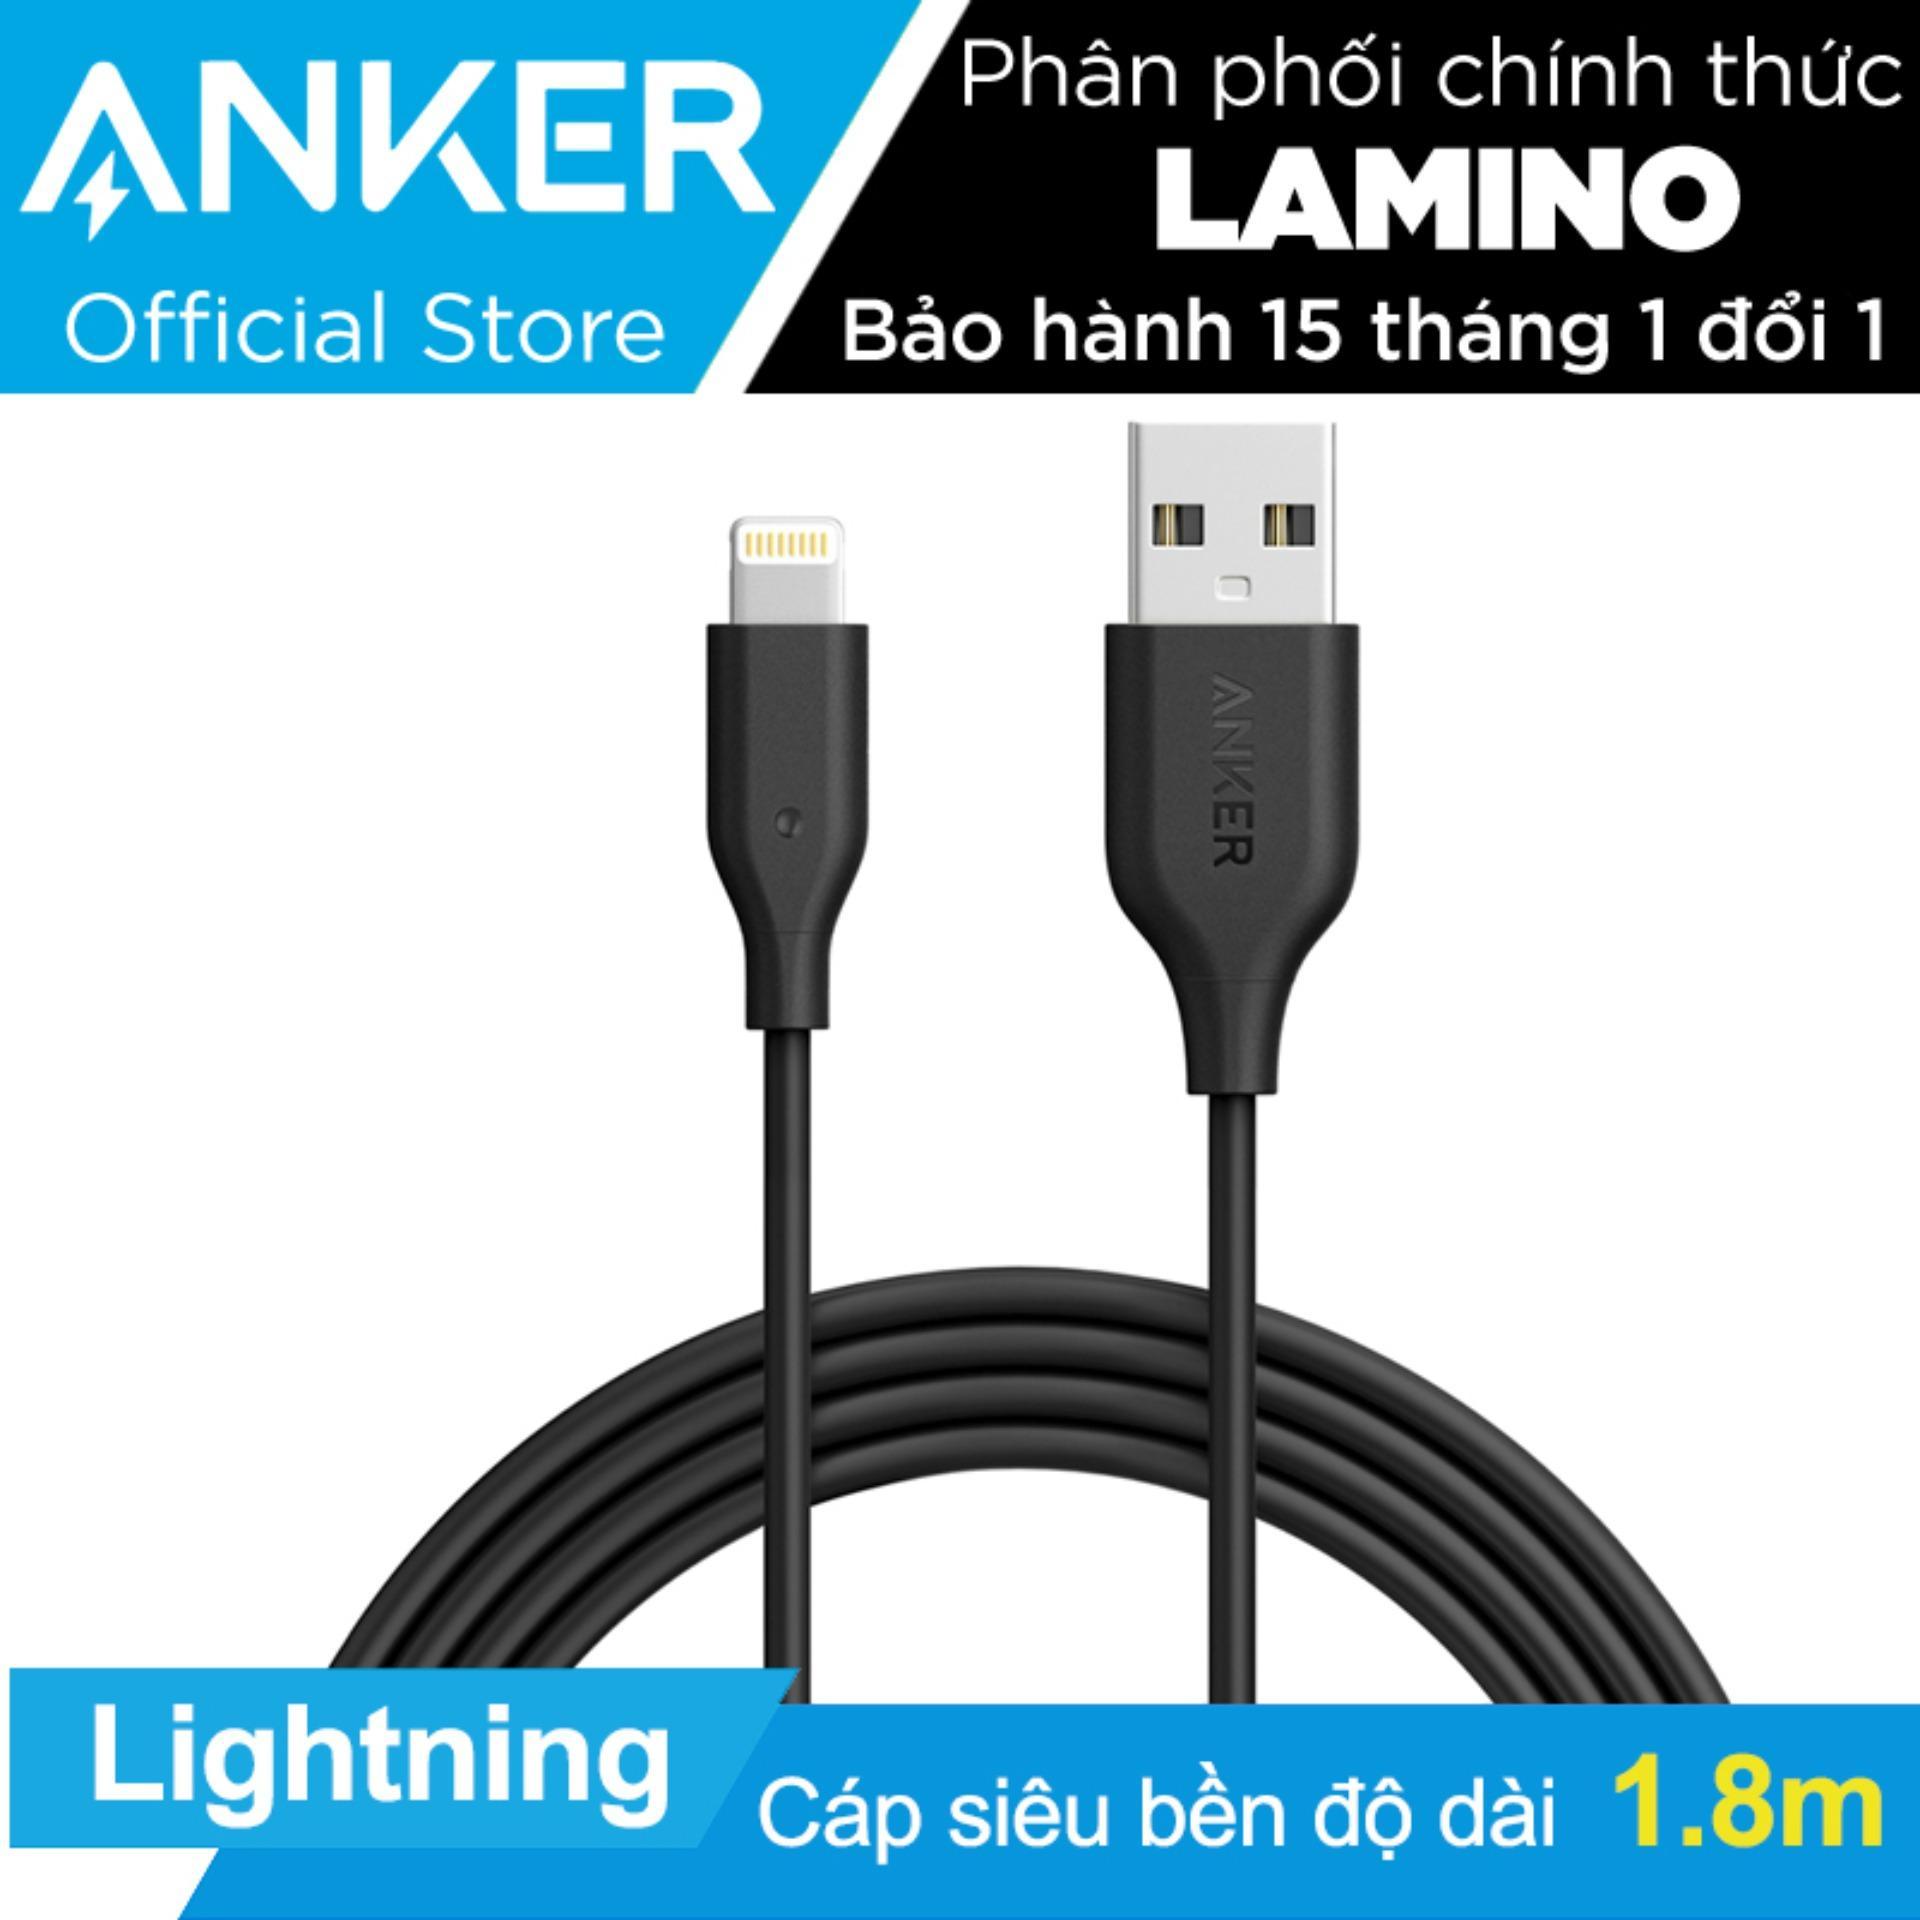 Ôn Tập Tốt Nhất Cap Sạc Sieu Bền Anker Powerline Lightning 1 8M Cho Iphone Ipad Ipod Đen Hang Phan Phối Chinh Thức